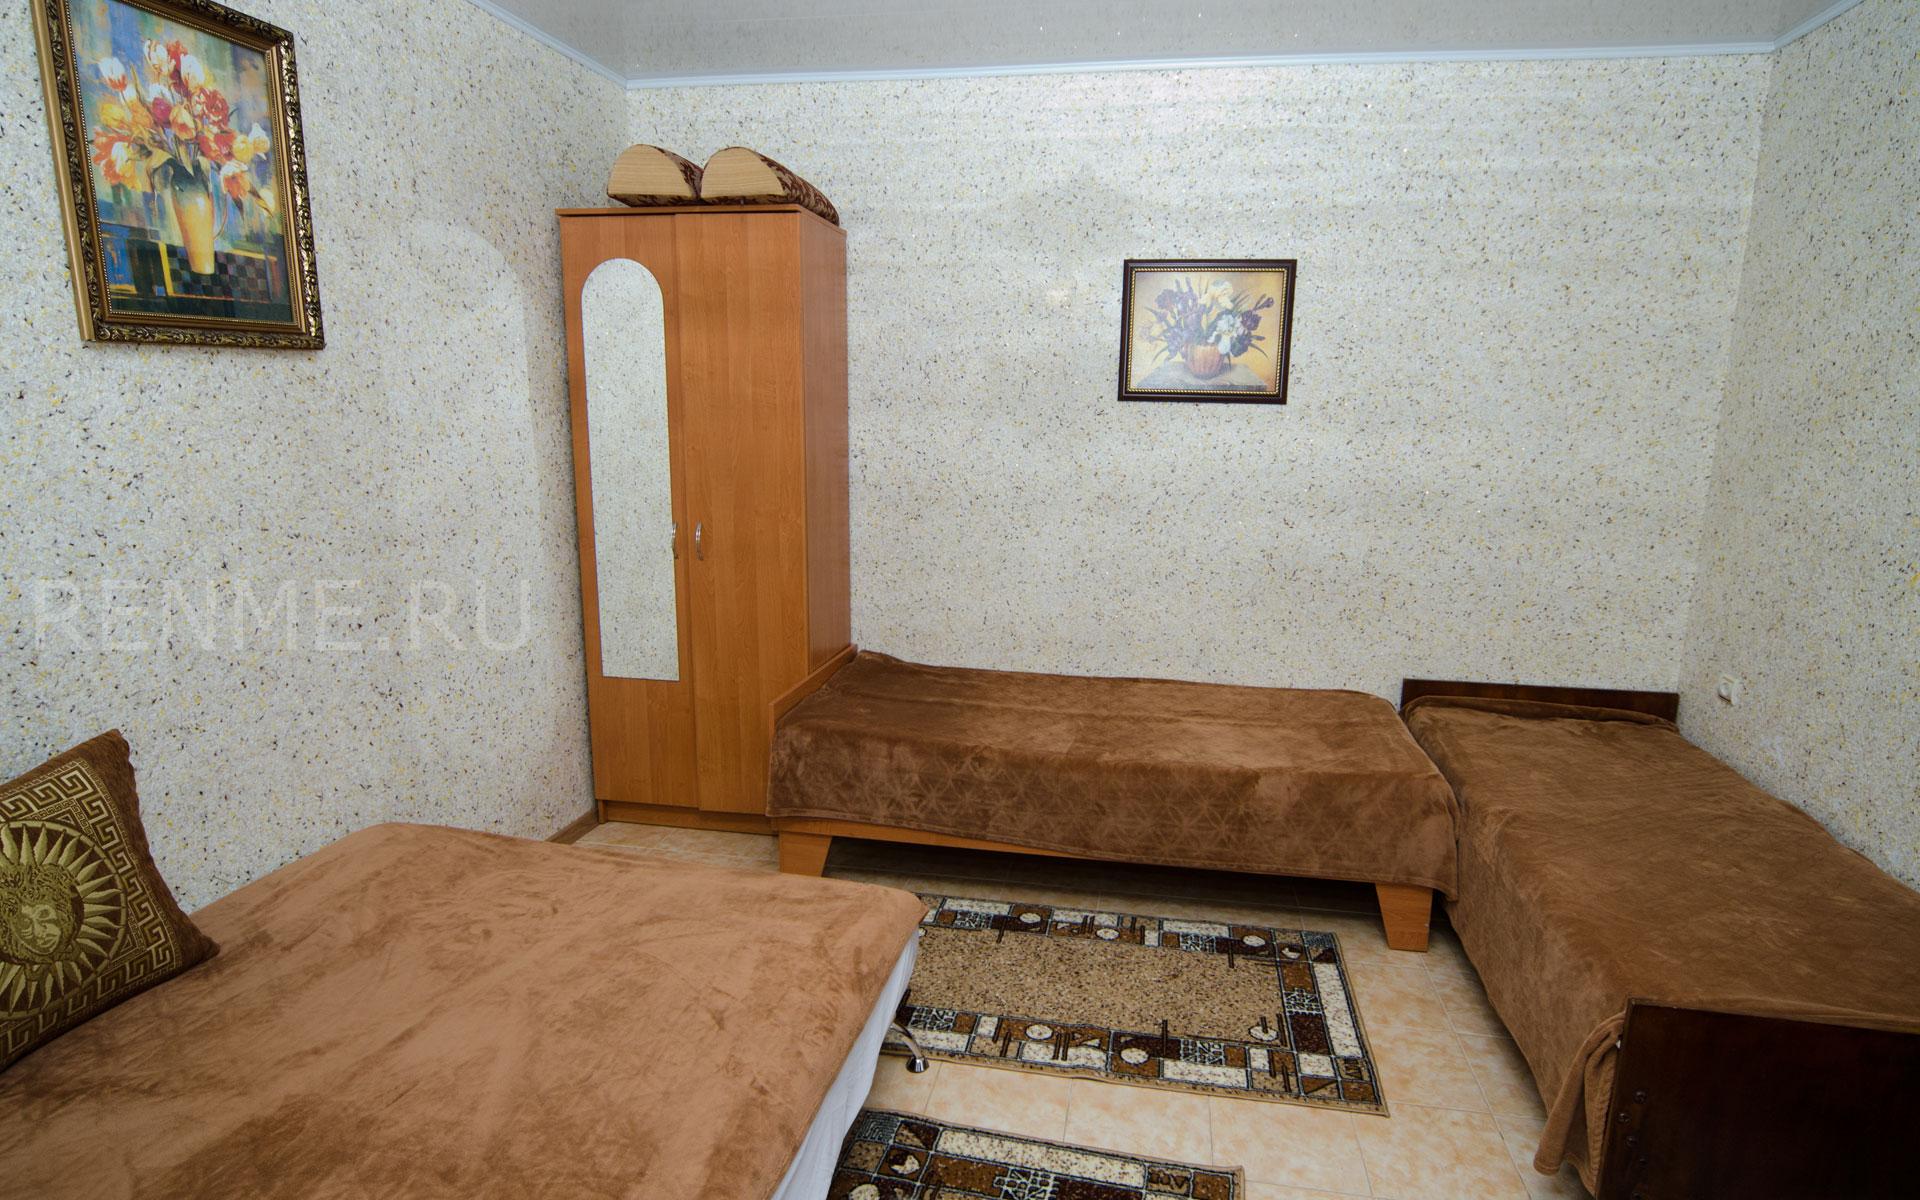 Комната. 9 квартира. Апарт-отель на 8 квартир. Заозёрное